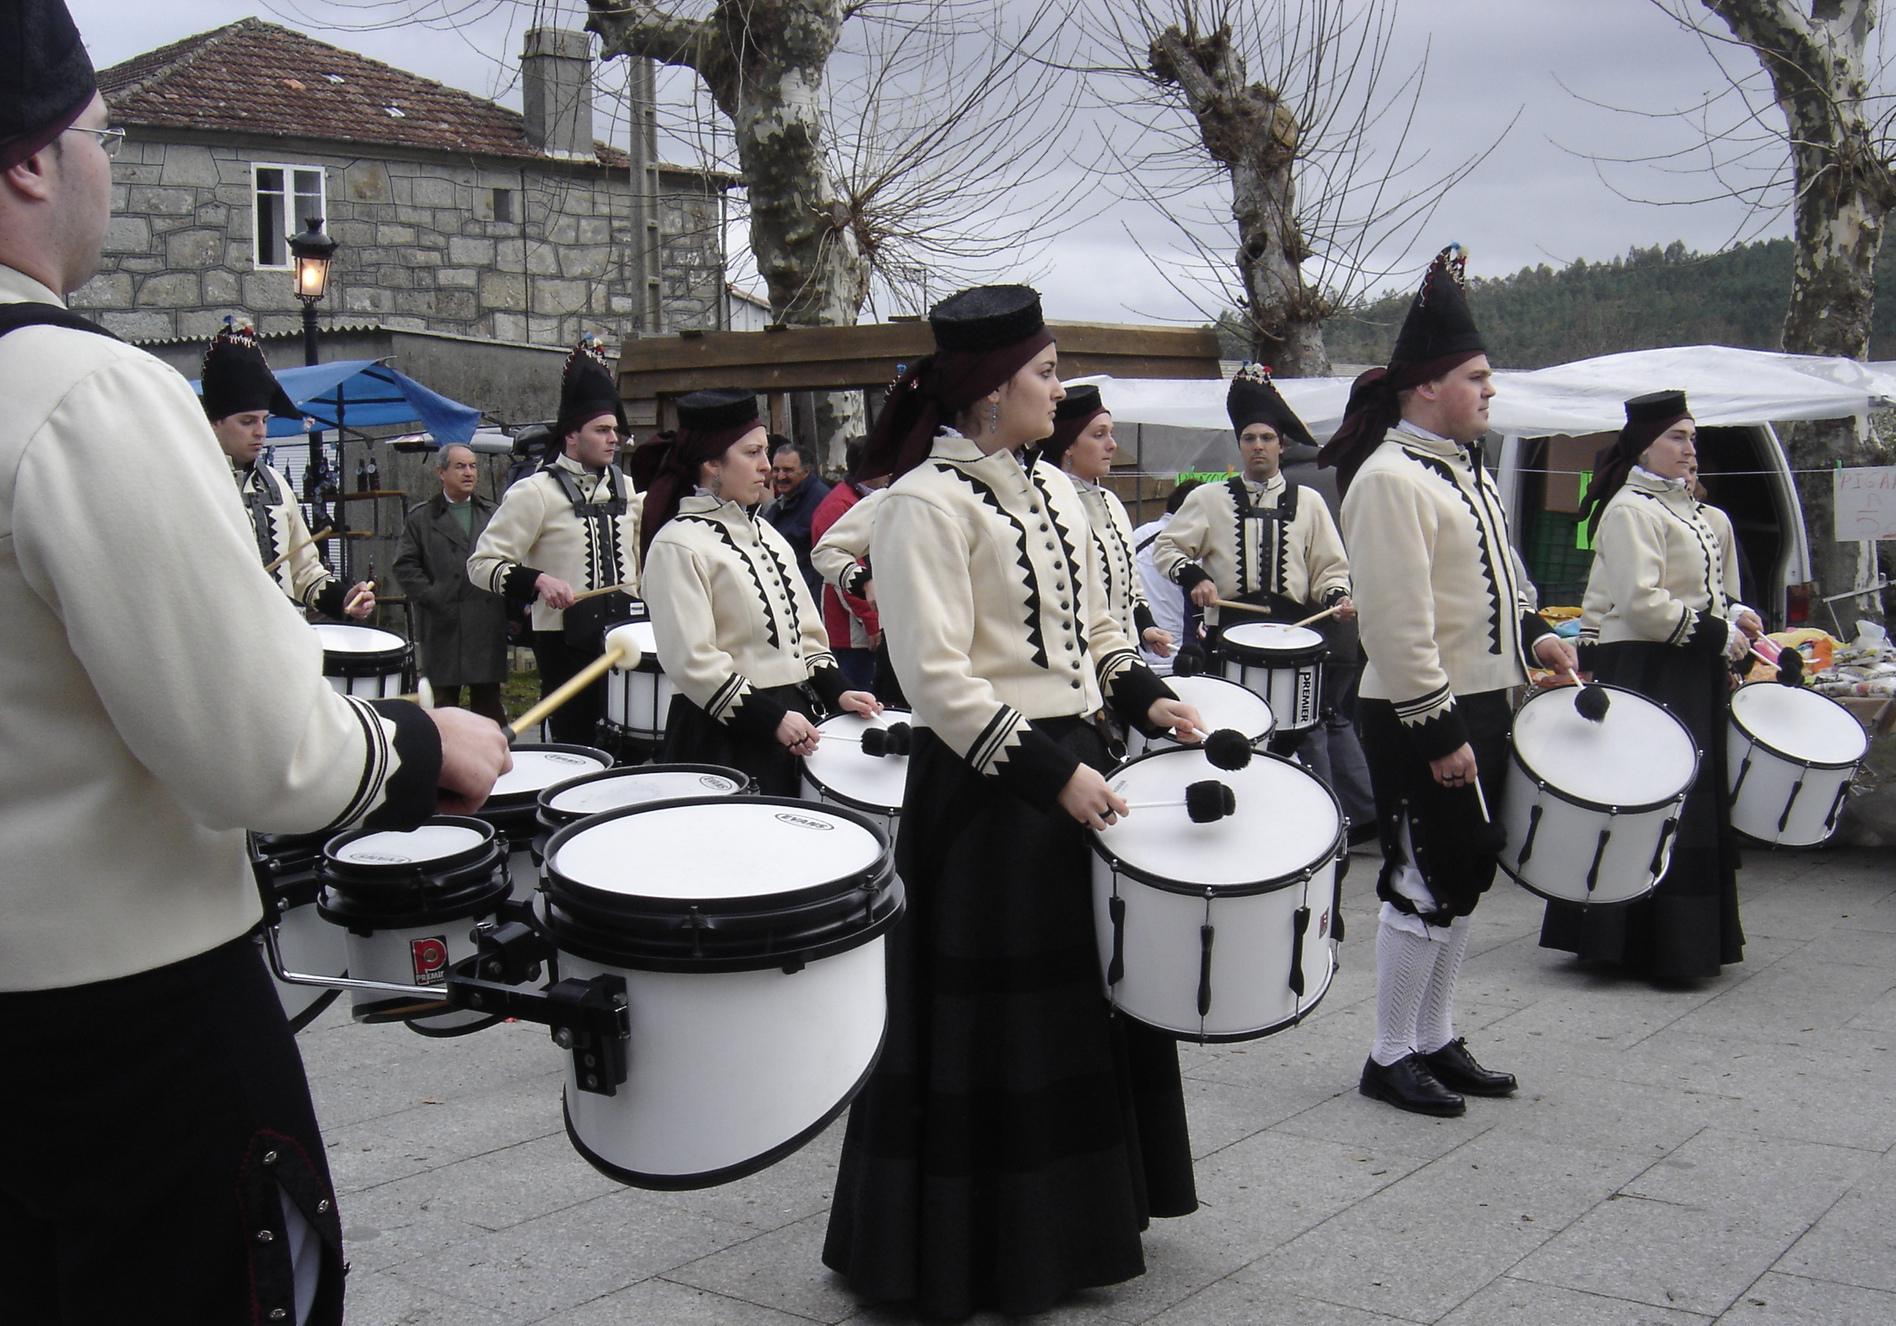 Percusionistas Carballeira